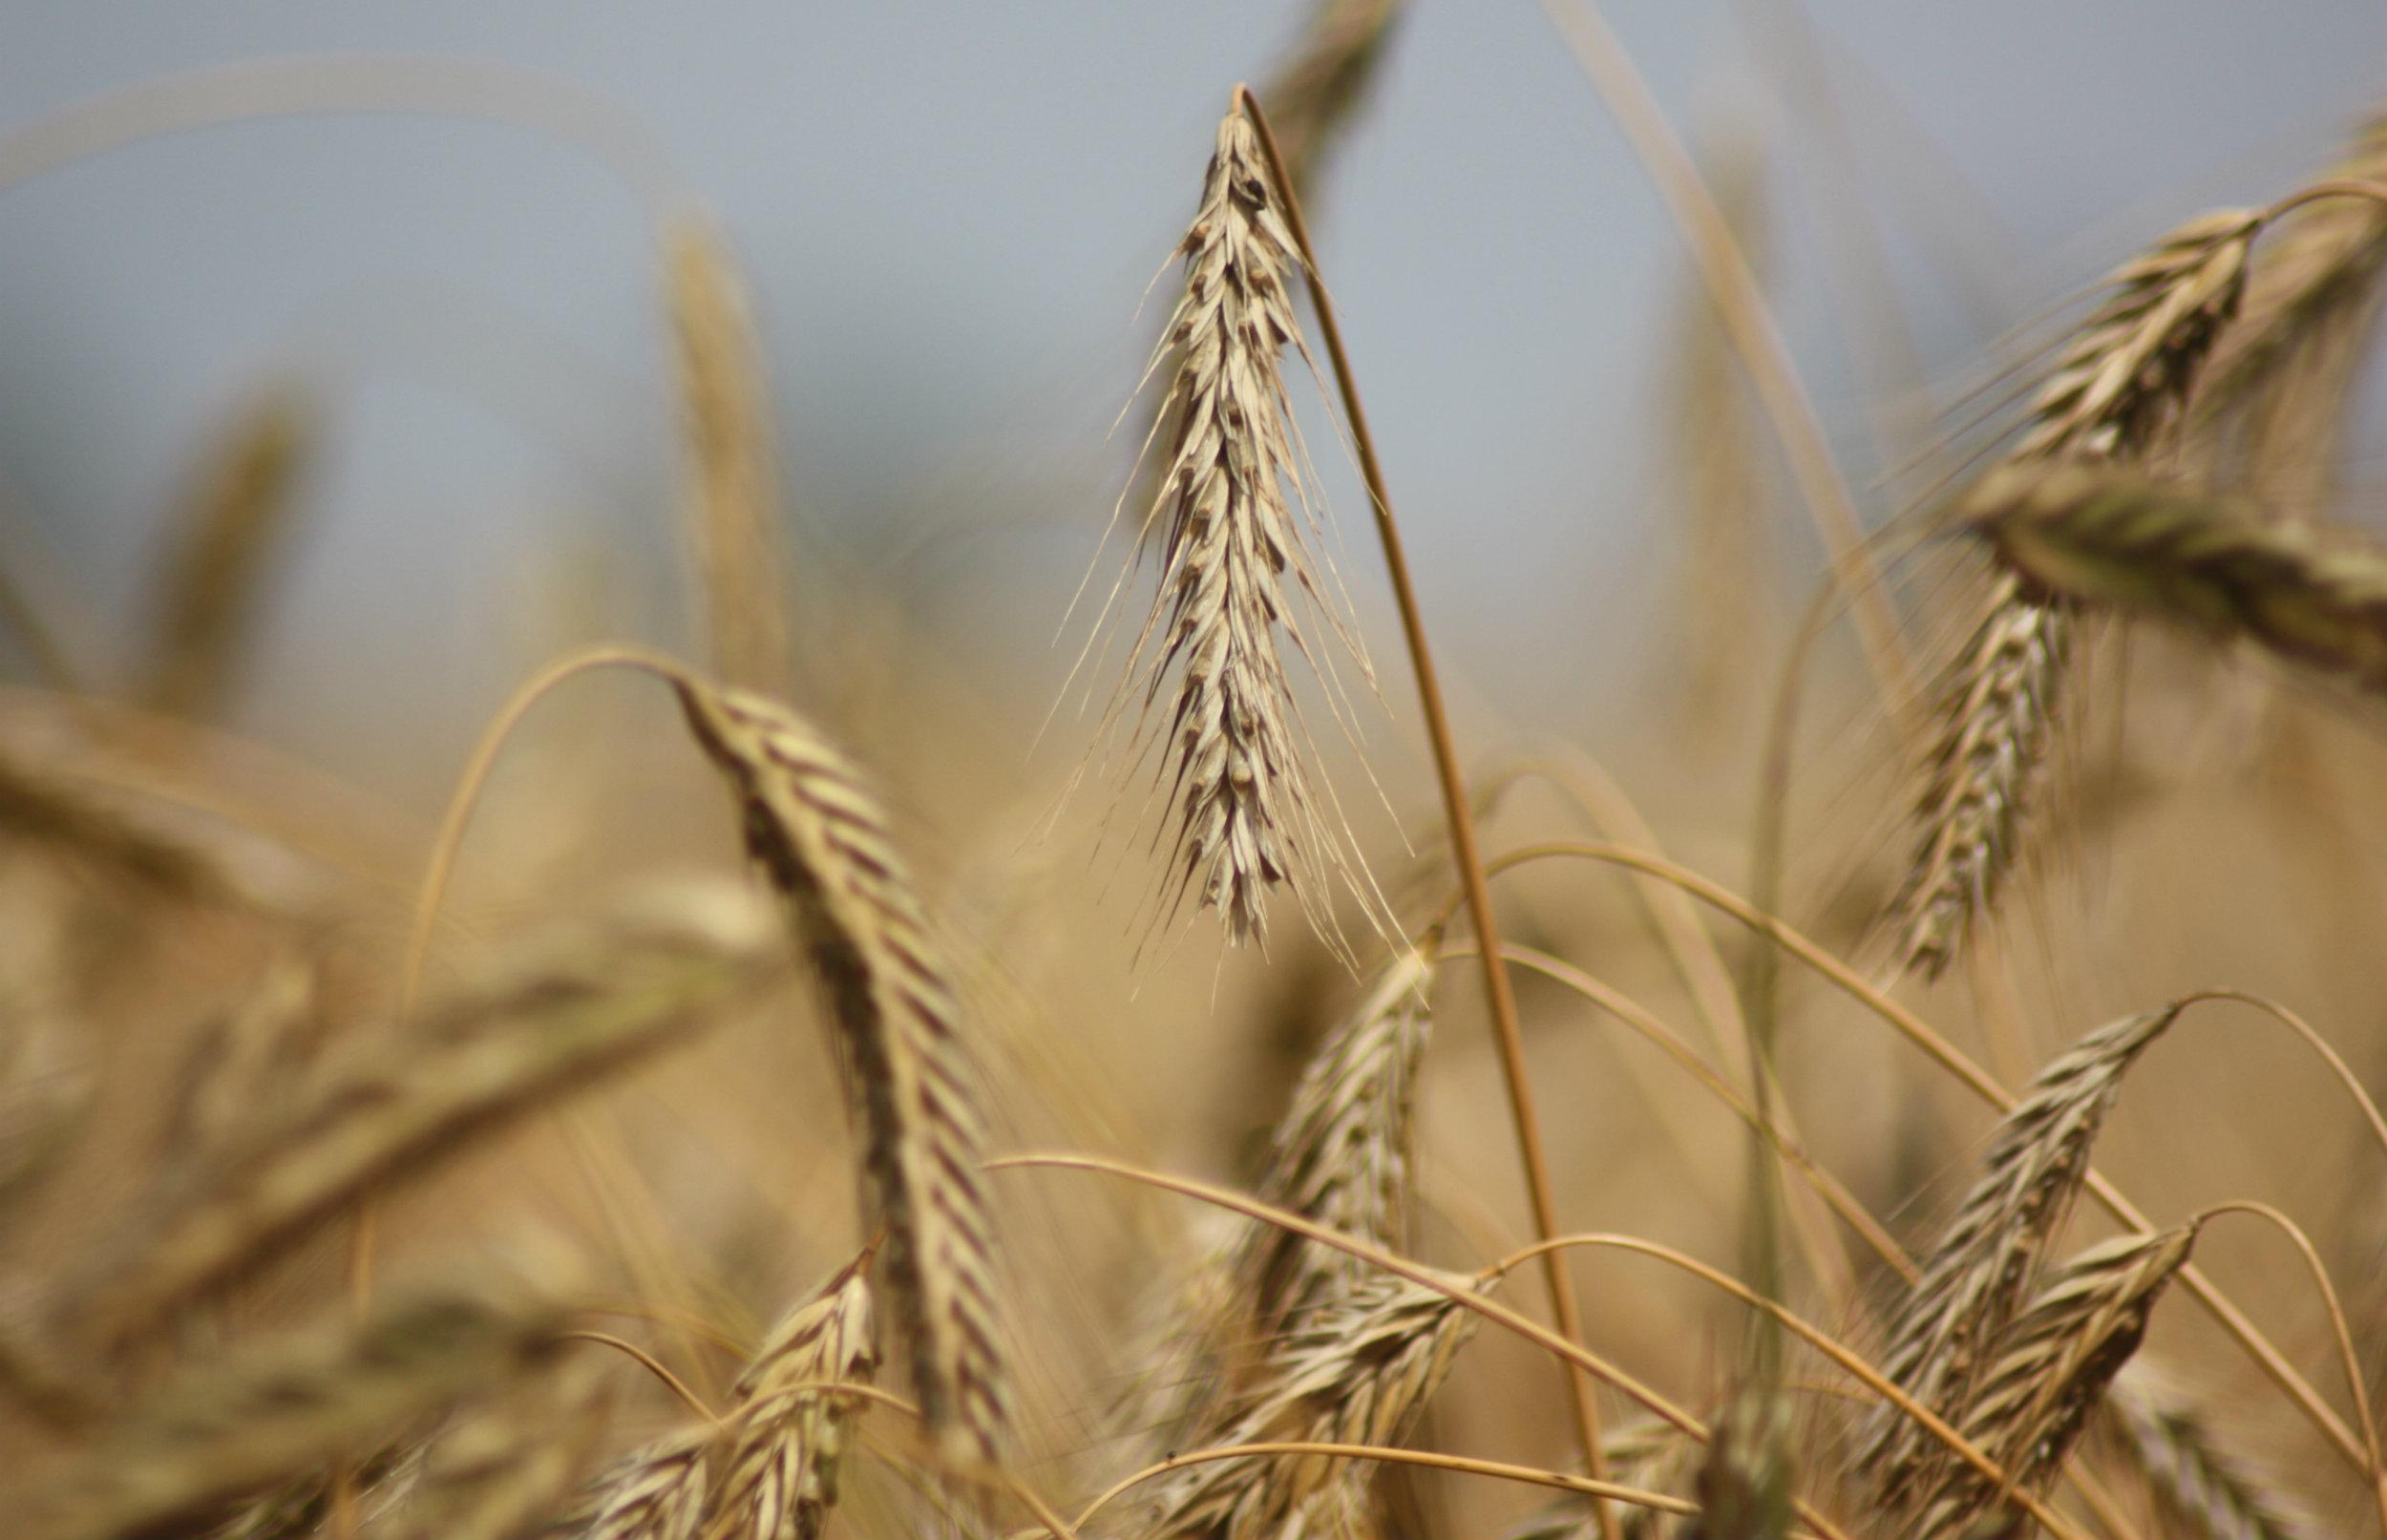 Danmarks Naturfredningsforening roser tørkepakke